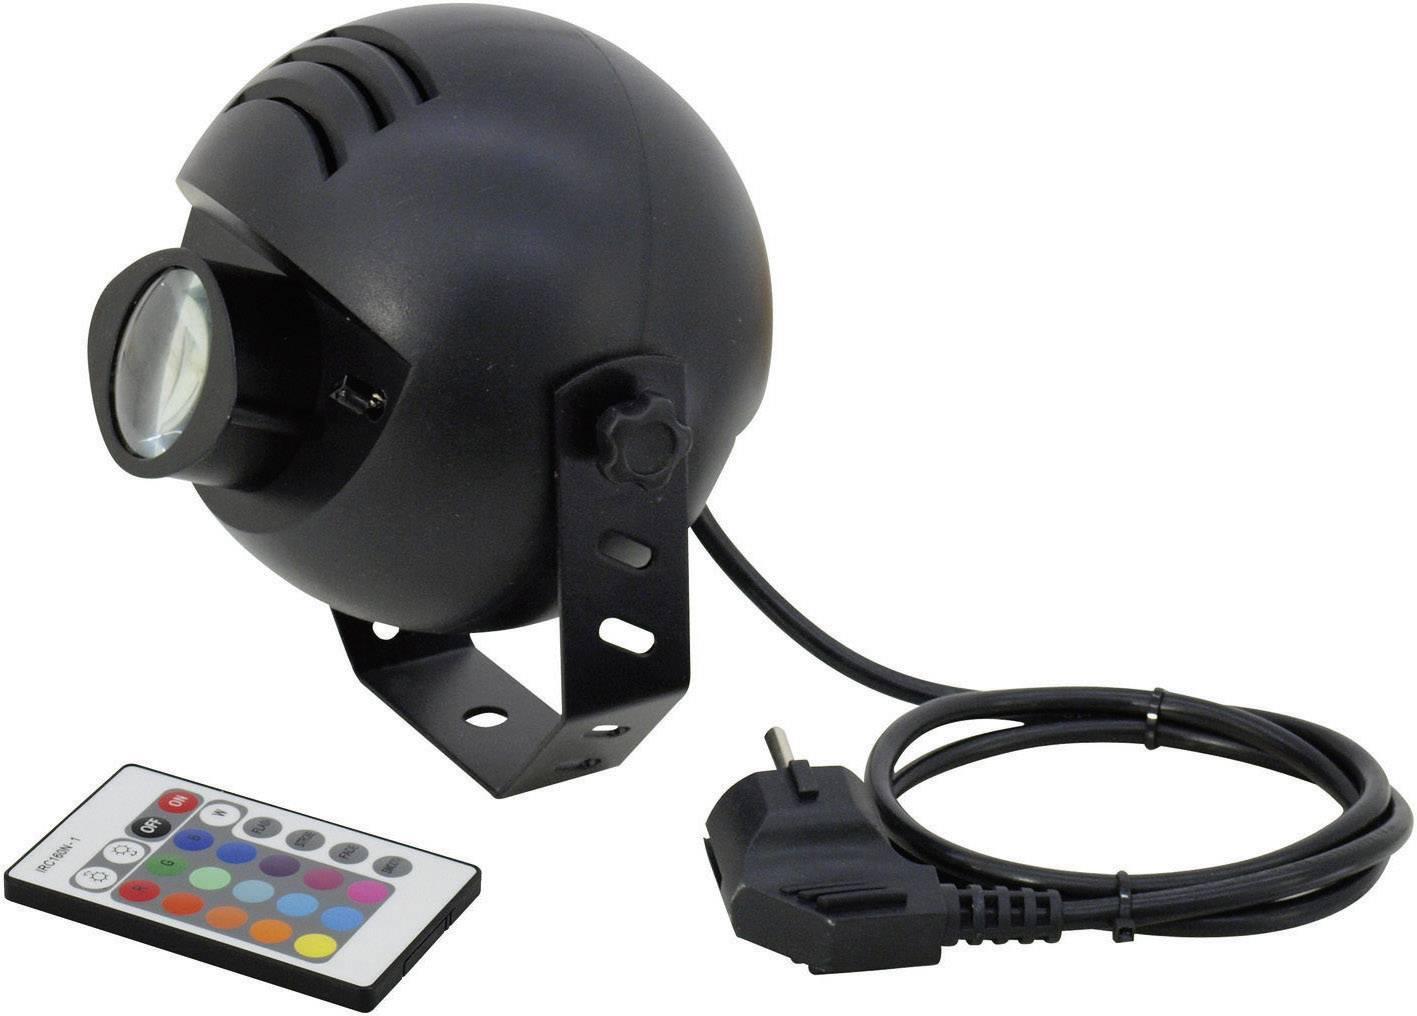 LED reflektor s ovládačom Eurolite PST-9W TCL Multi-Color, 1x 9 W, čierny